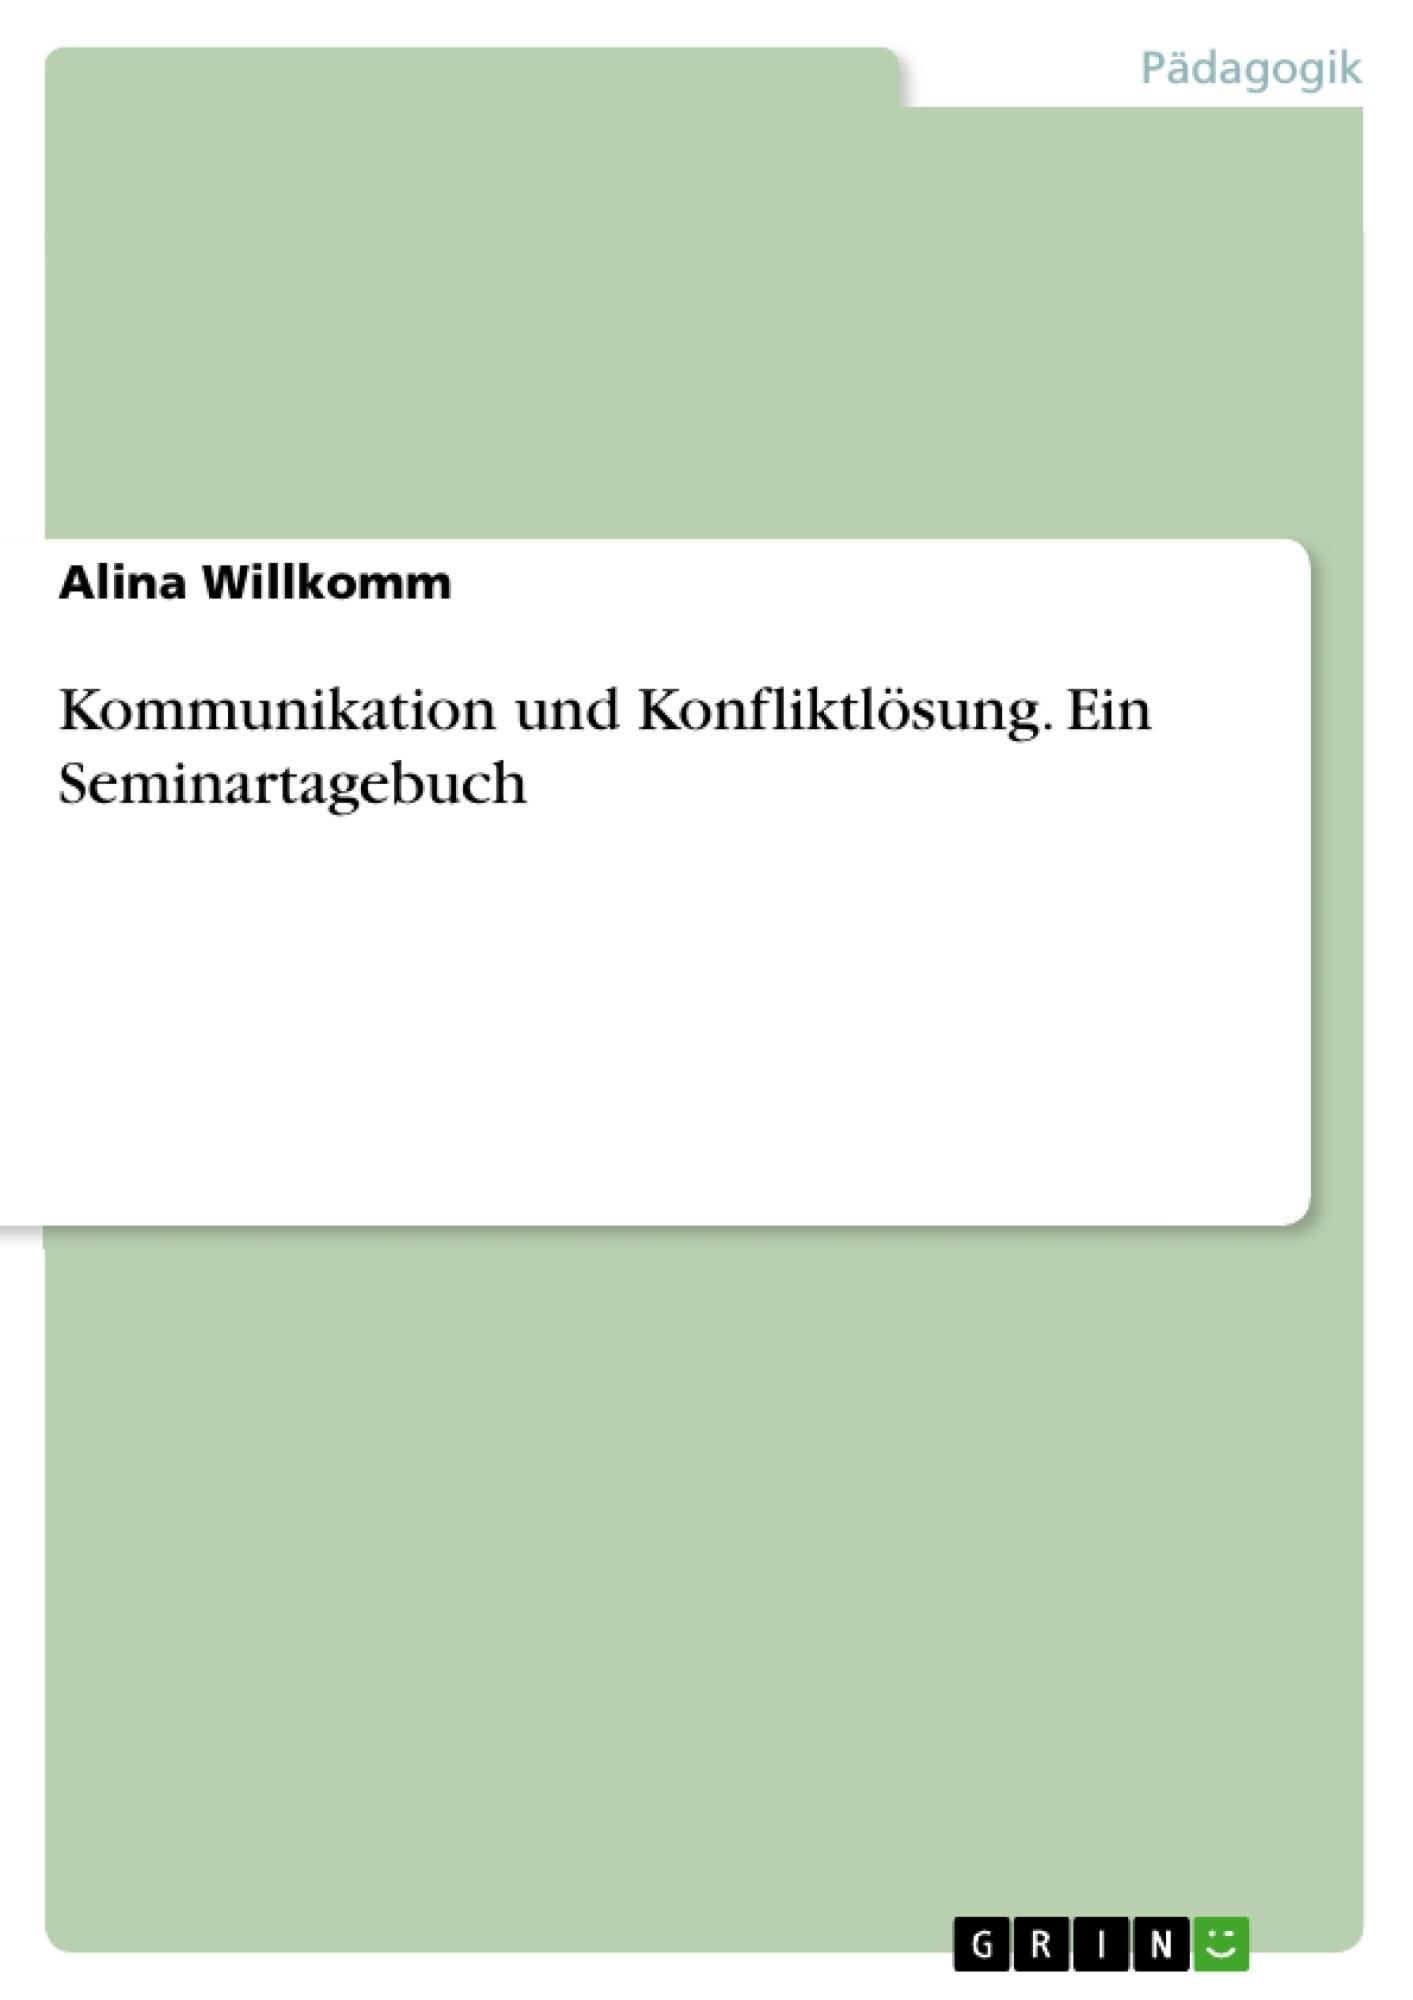 Kommunikation und Konfliktlösung. Ein Seminartagebuch | Masterarbeit ...